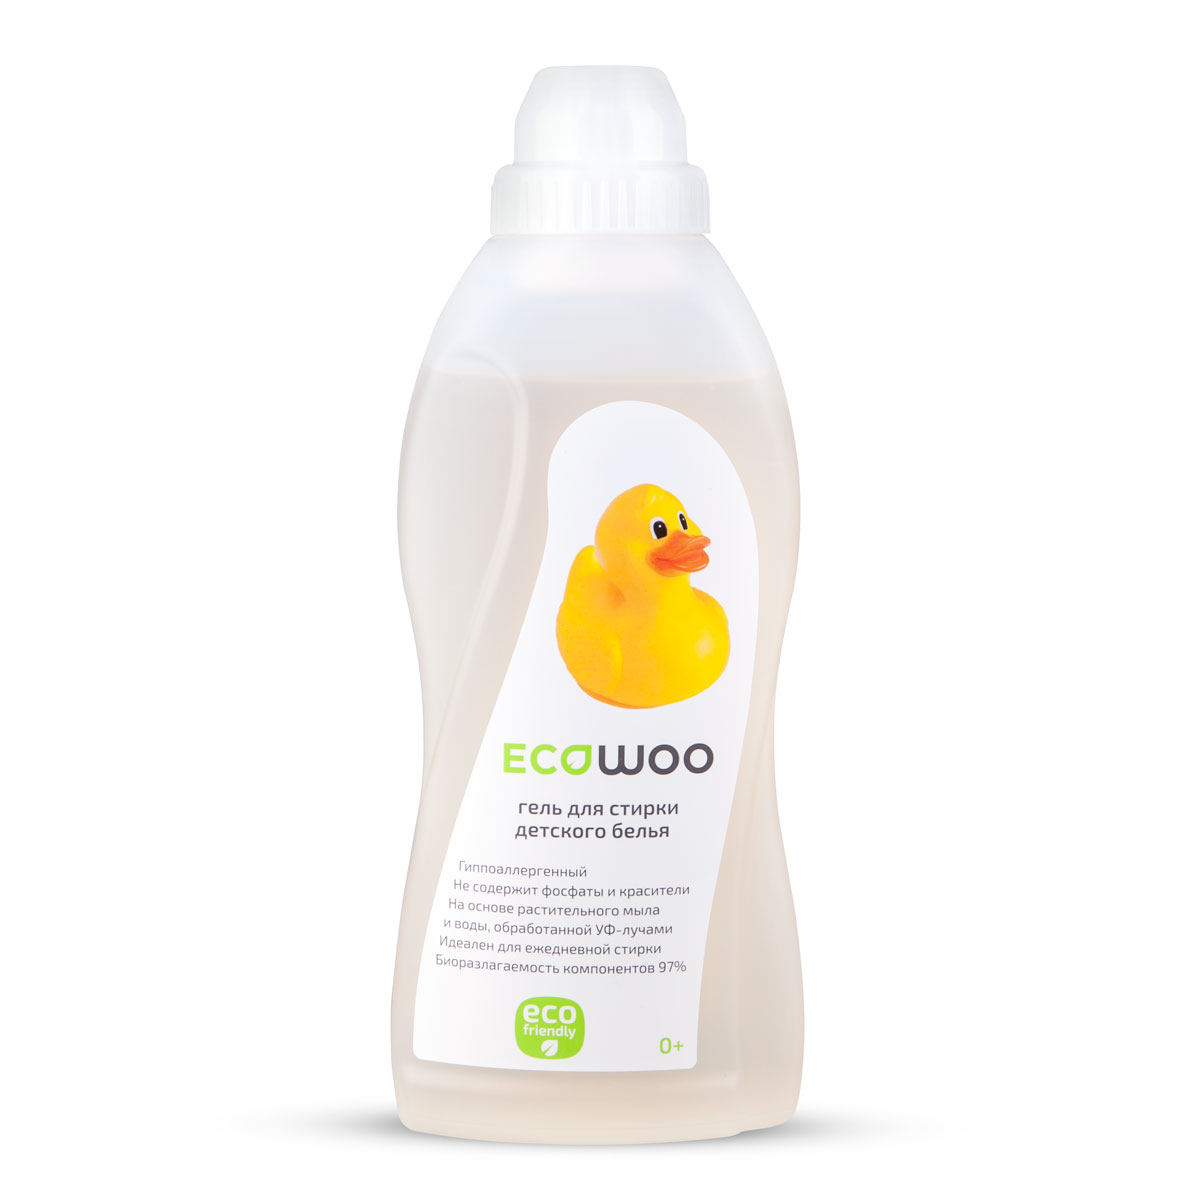 Гель для стирки детского белья EcoWoo, гипоаллергенный, 700 млЕ088156Гипоаллергенный гель EcoWoo подходит для стирки детского белья с первых дней жизни ребенка. Средство на основе растительного мыла и воды, обработанной УФ- лучами, не содержит фосфаты и красители. Идеален для ежедневной стирки. Биоразлагаемость компонентов 97%. Рецептура на основе натурального мыла разработана специально для чувствительной детской кожи с первых дней жизни.Состав: вода специально подготовленная, АПАВ 5-15%, растительное мыло 5-15%, НПАВ менее 5%, гипоаллергенная отдушка, консервант.Товар сертифицирован.